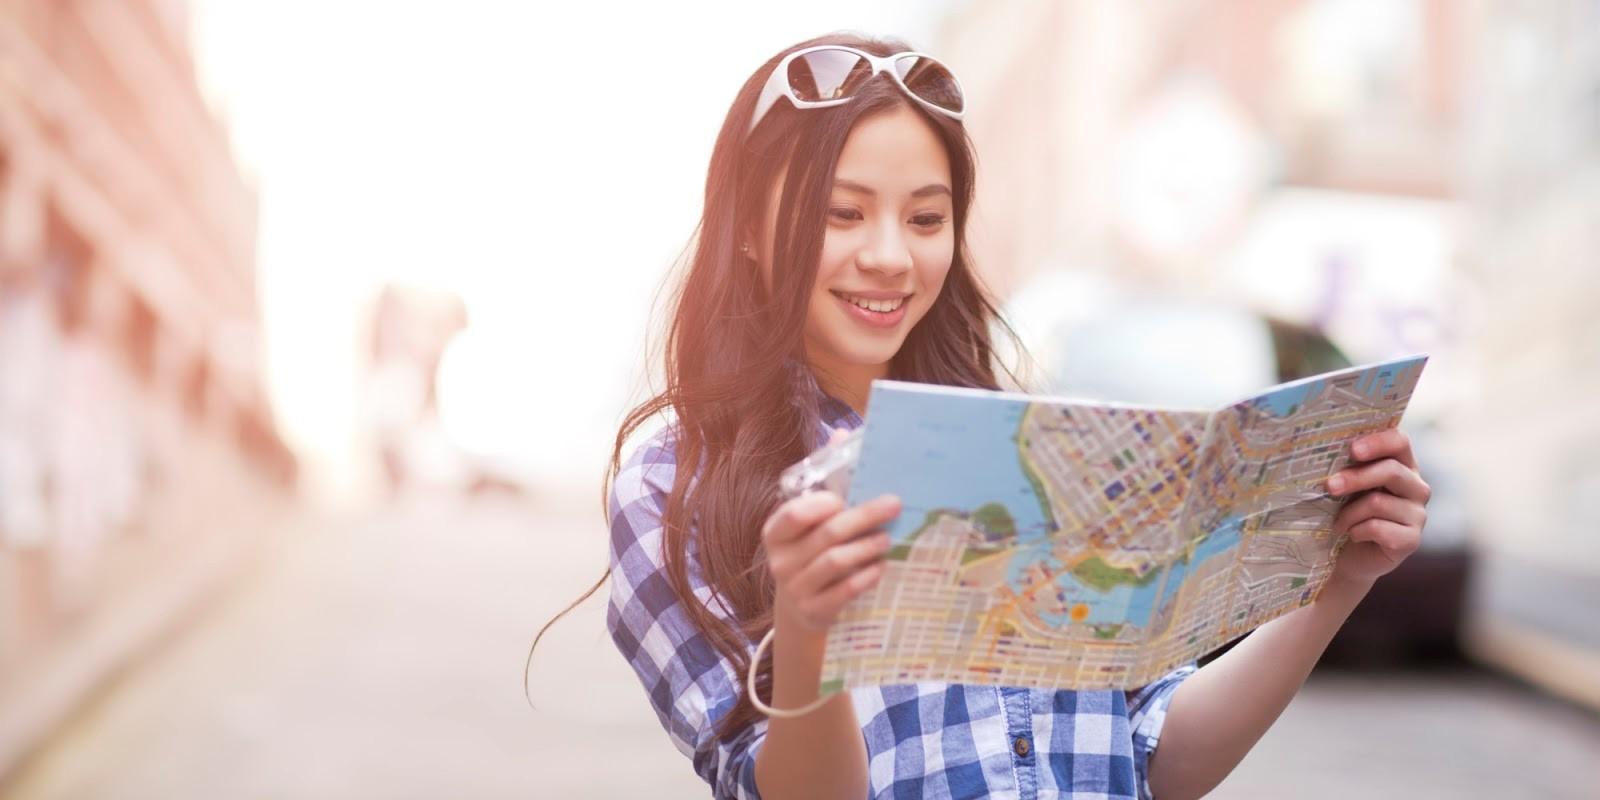 Bạn đam mê du lịch và hiển nhiên sẽ không muốn dừng những chuyến đi lại